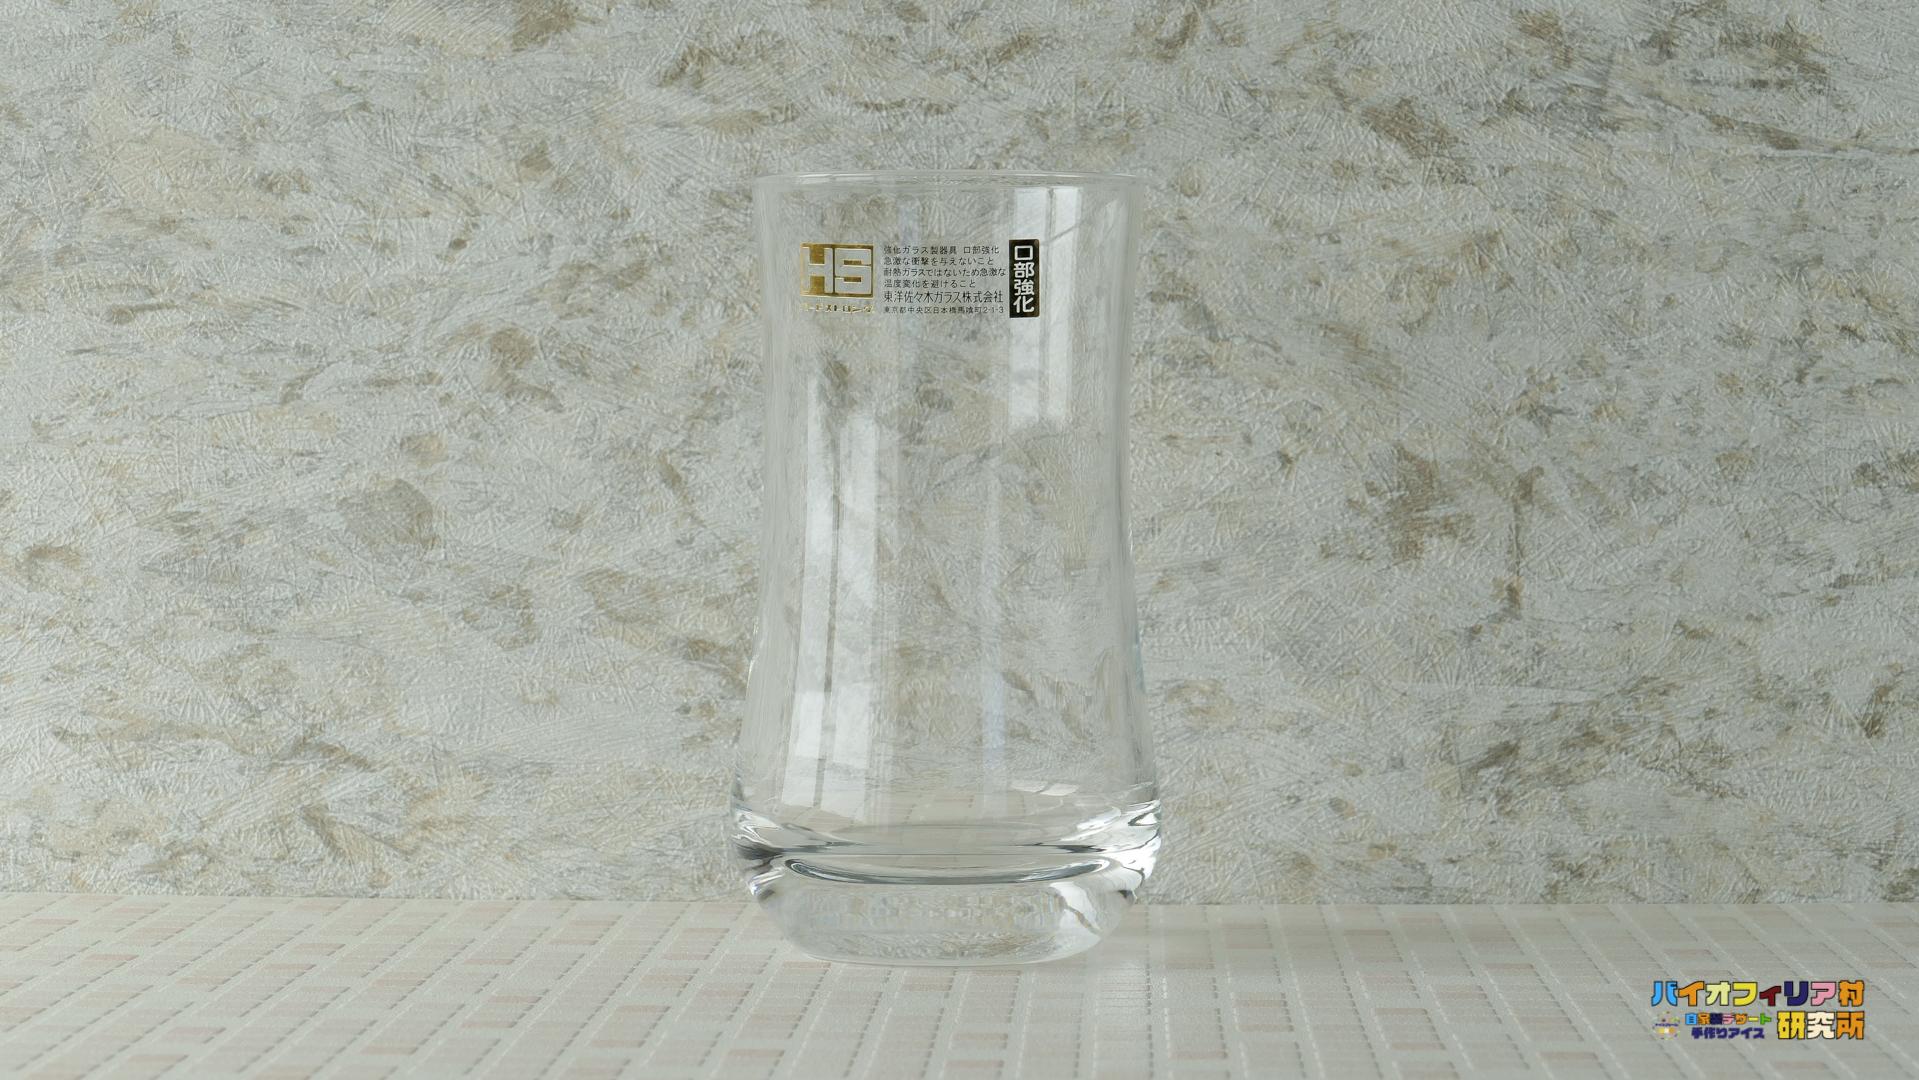 東洋佐々木ガラスの「ジュースグラス アロマ 325ml 00451HS」の商品画像です。